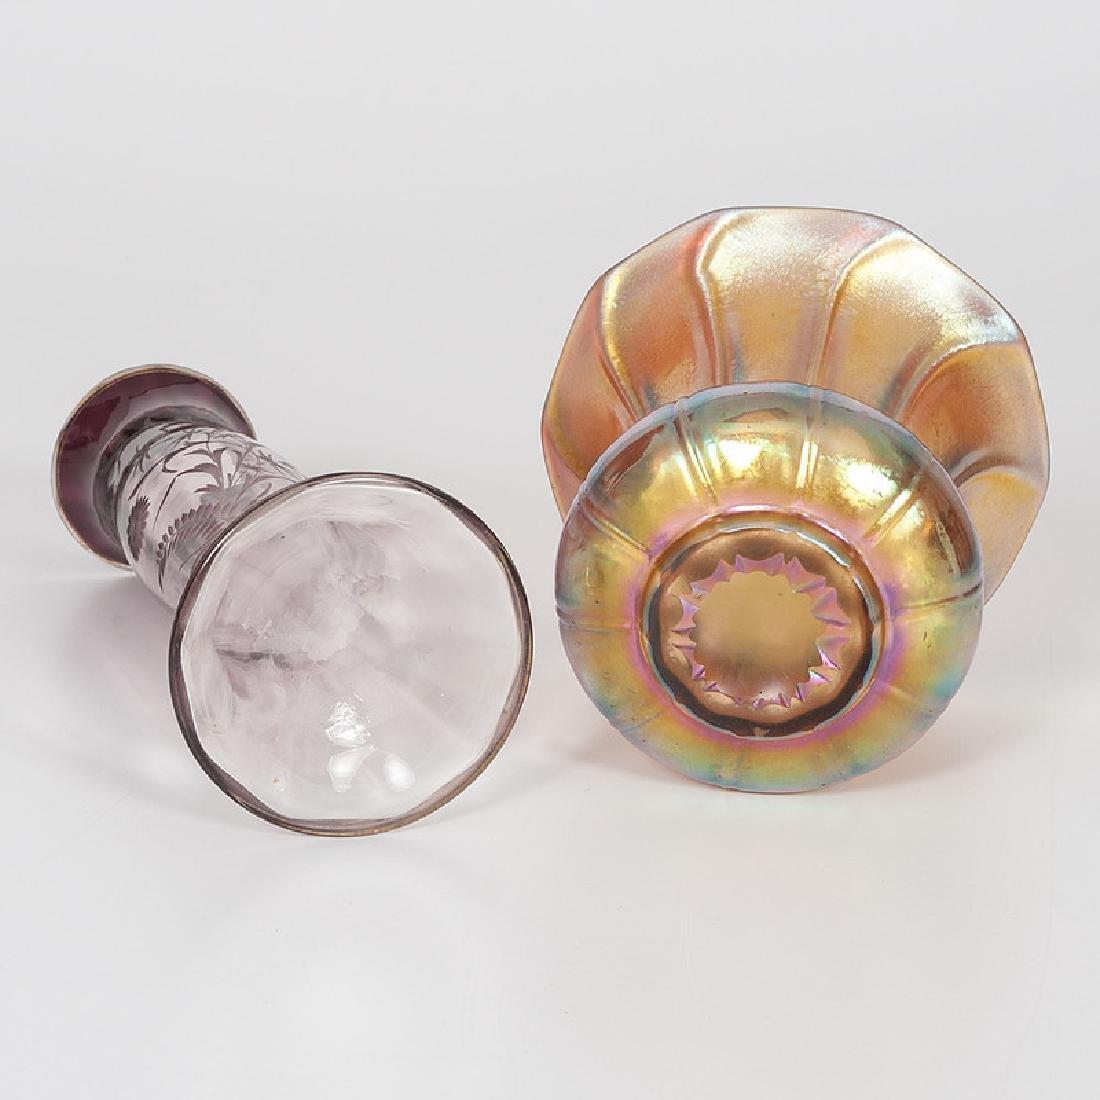 Moserand Steuben Art Glass - 6